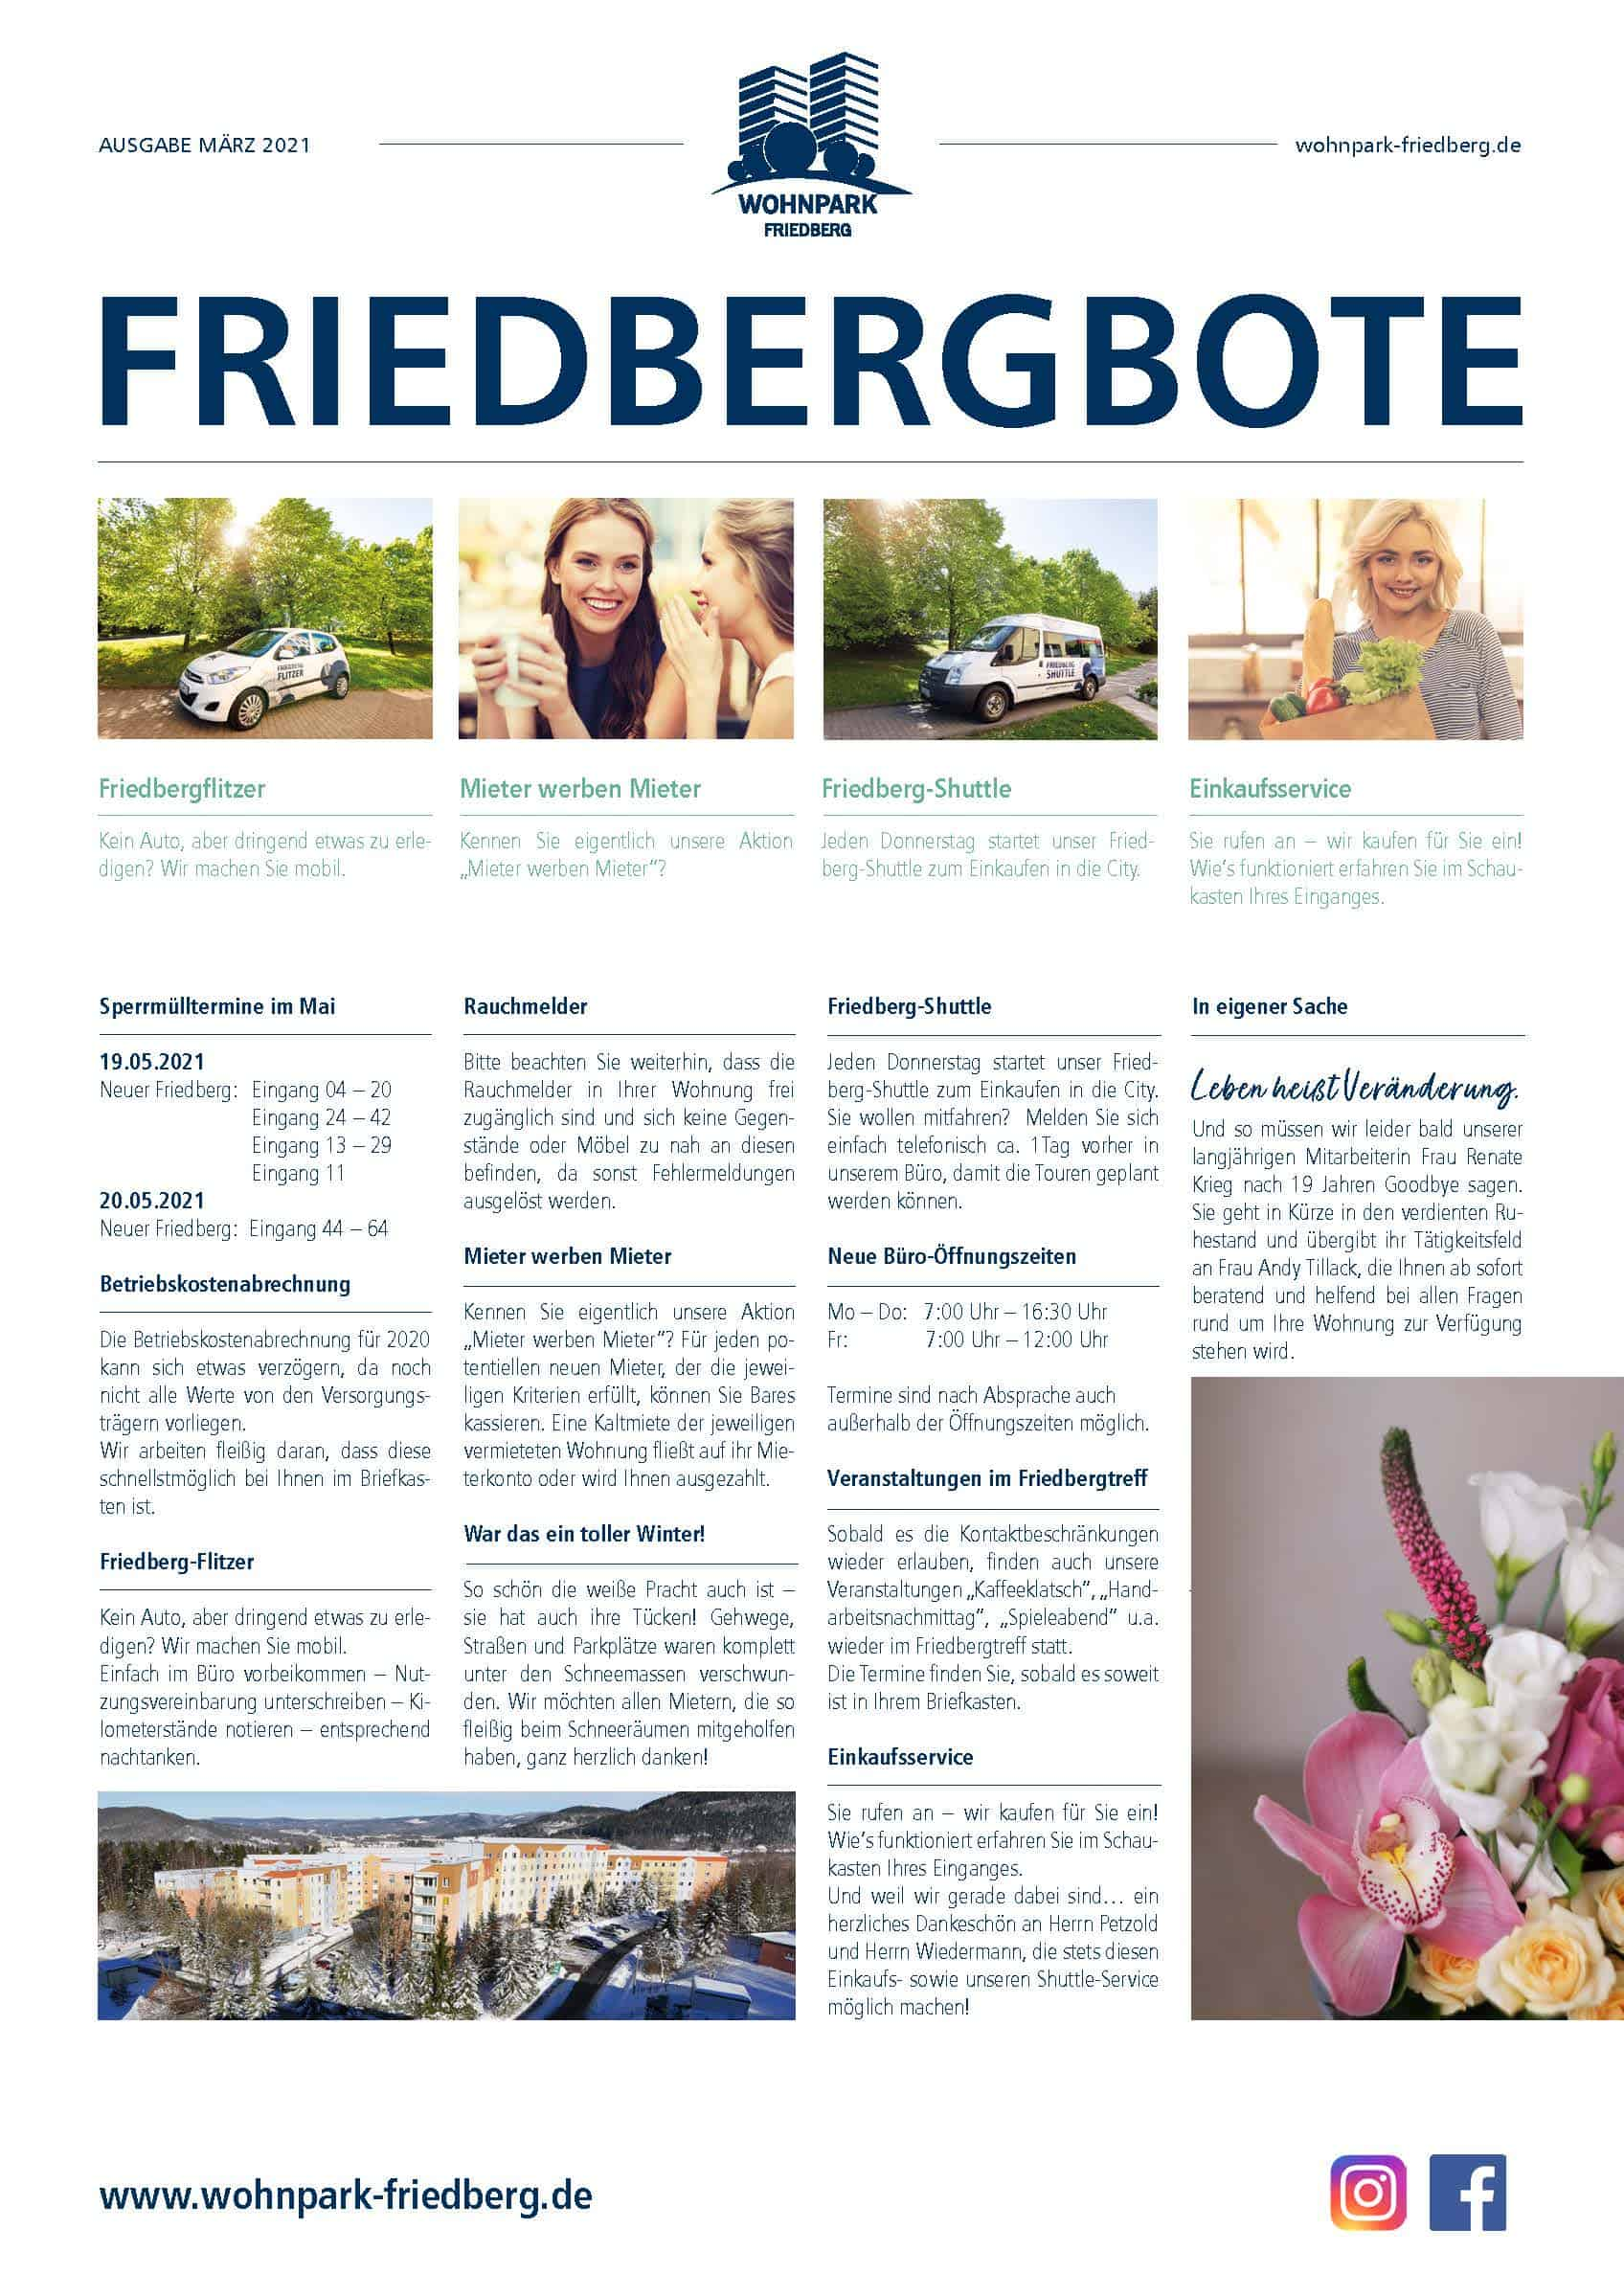 Friedbergbote – März 2021